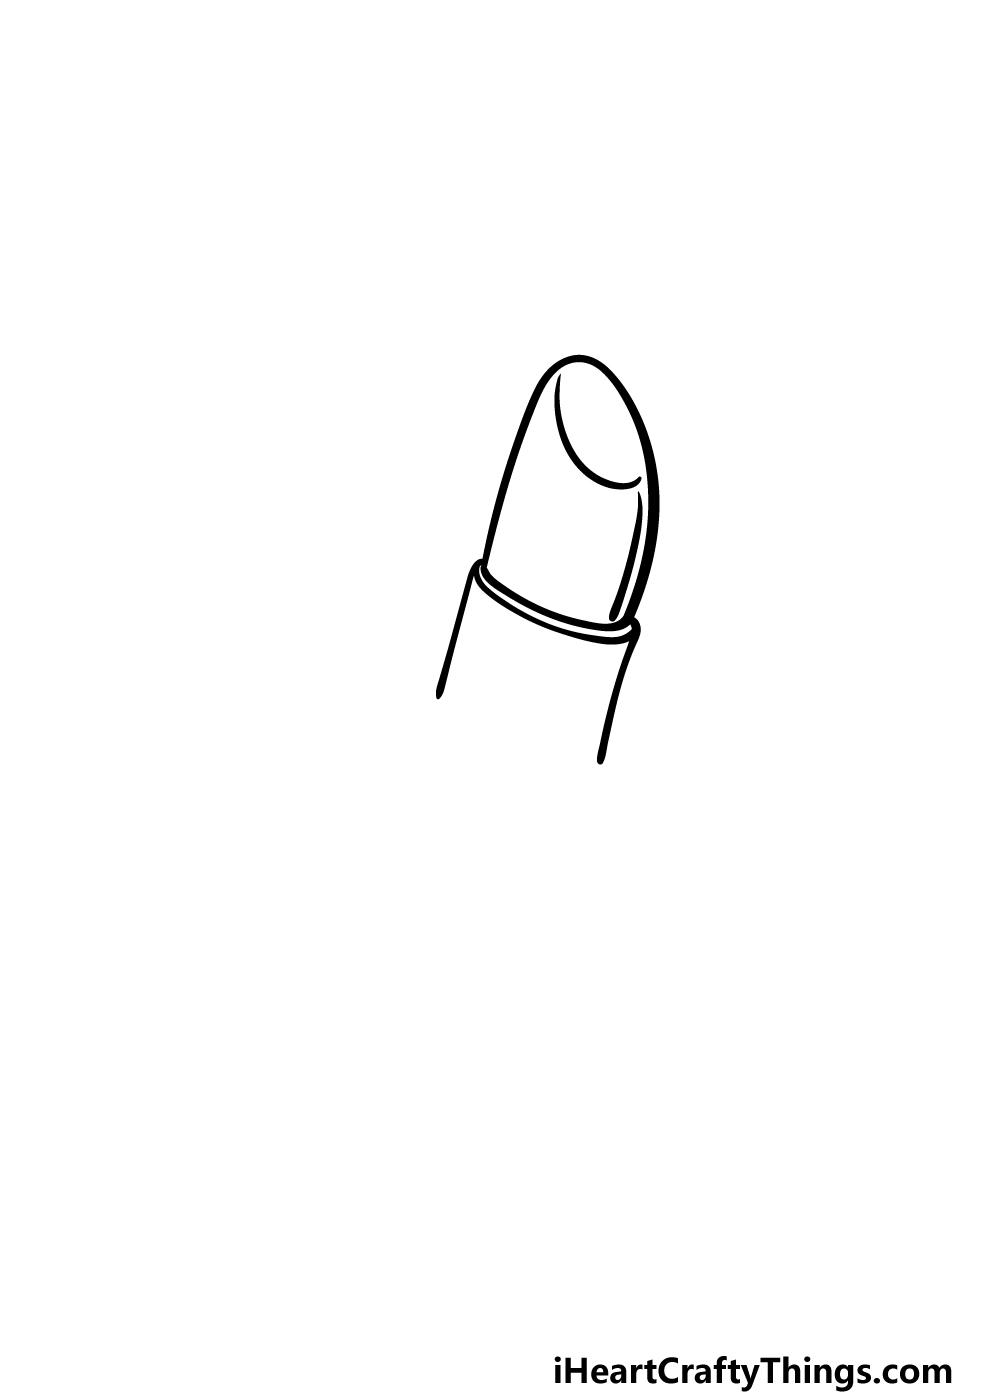 how to draw a lipstickstep 1